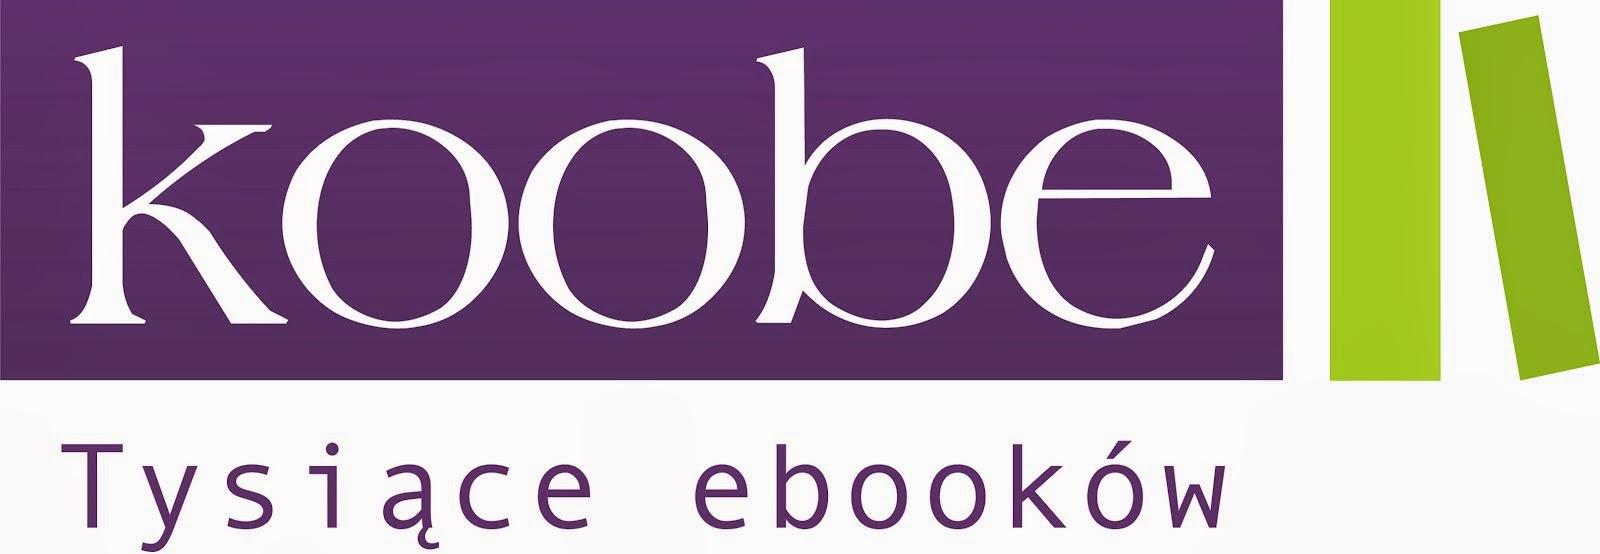 Koobe- ebooki dla wymagających